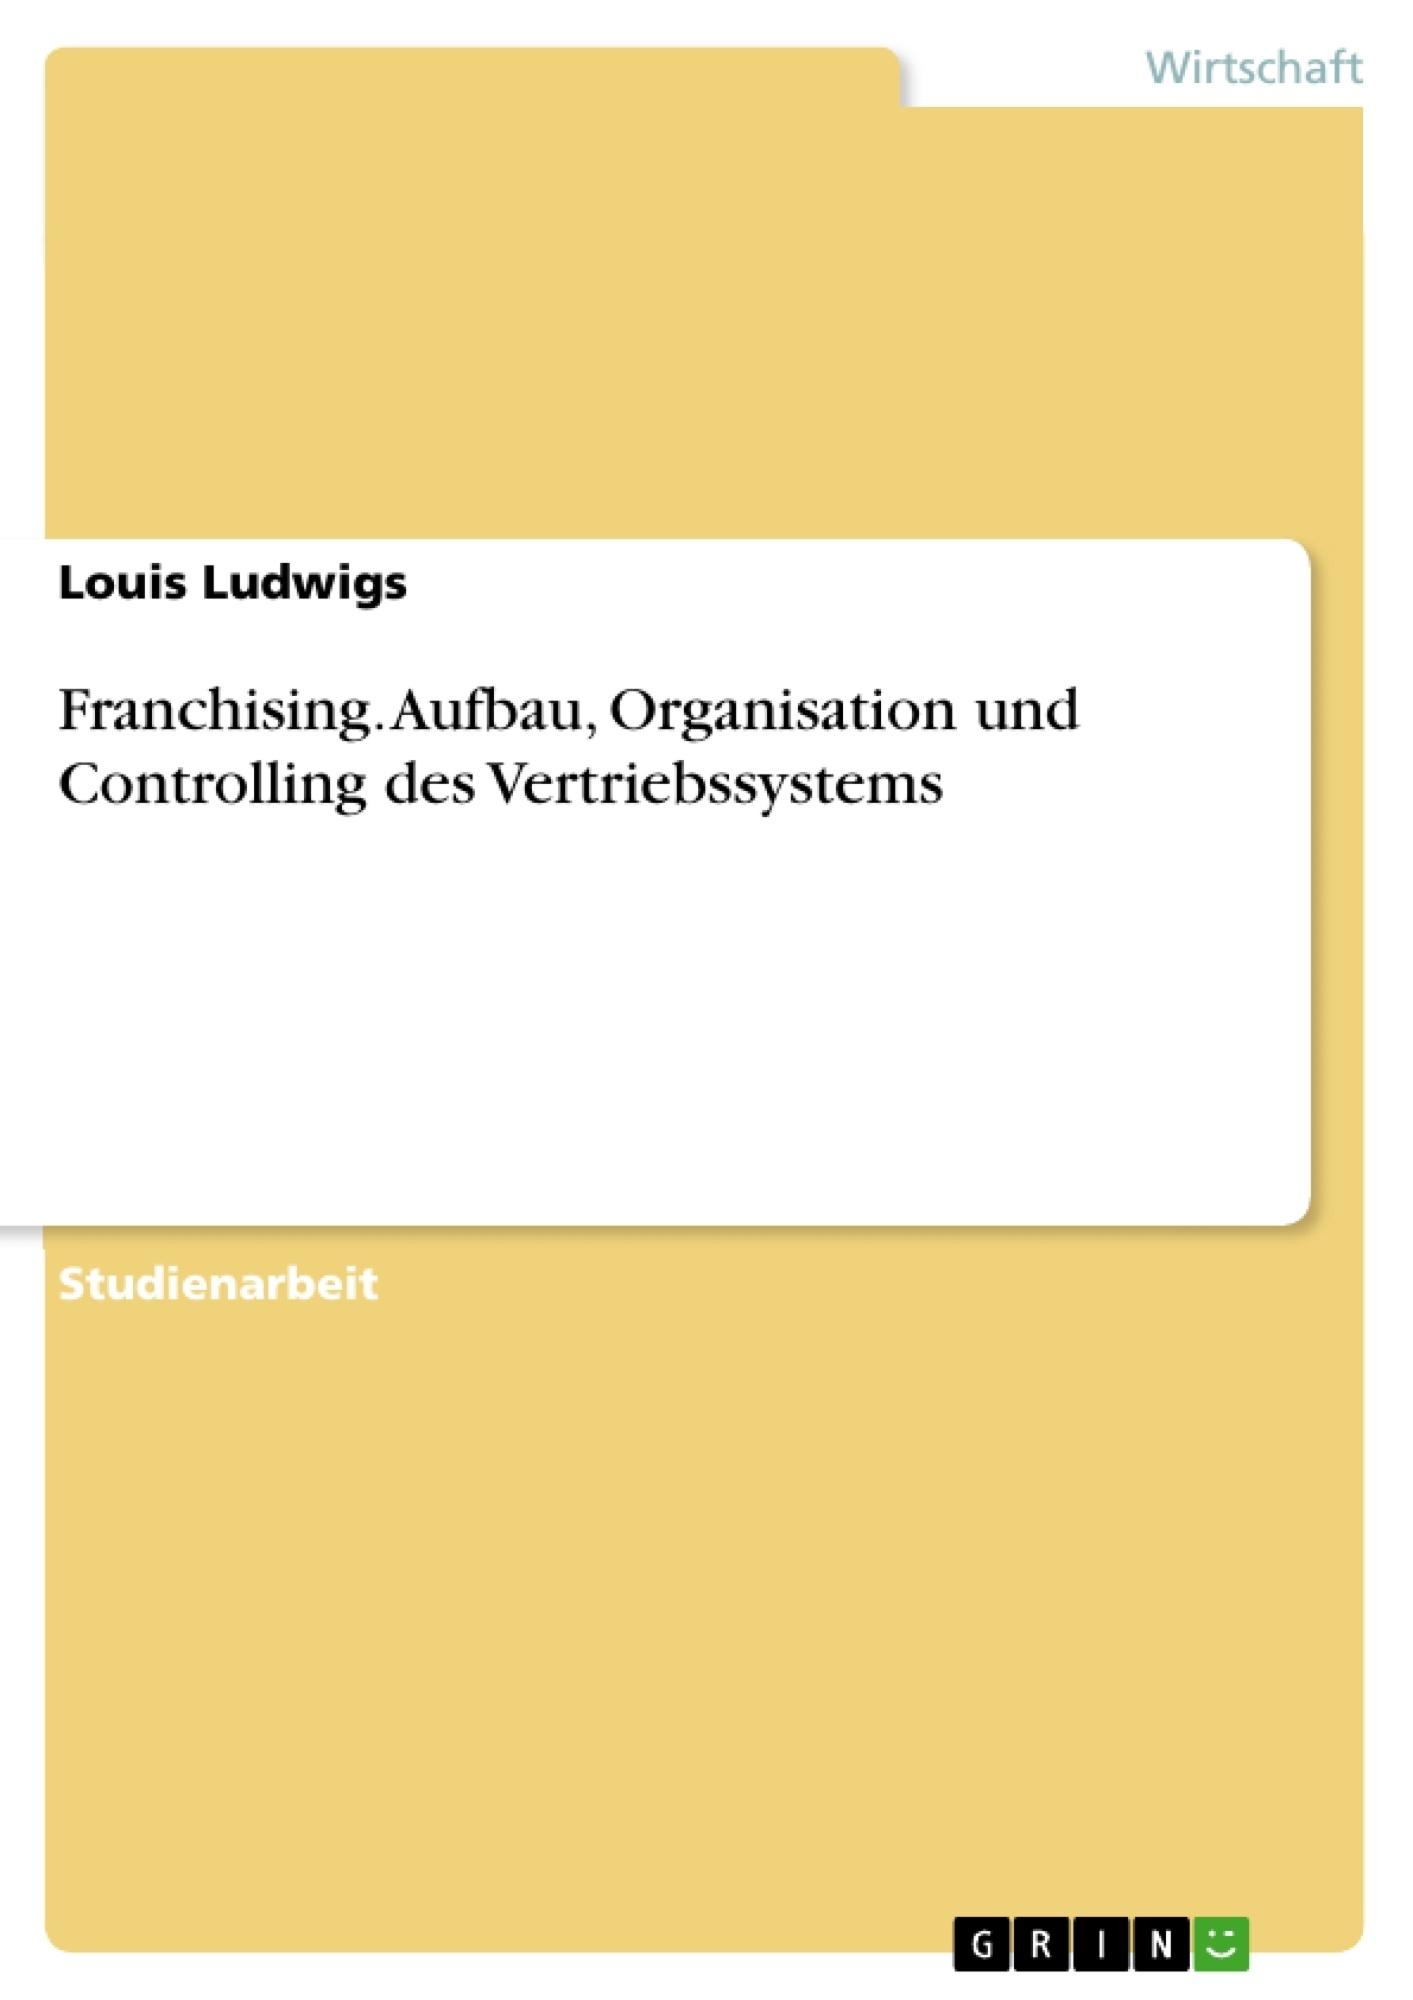 Titel: Franchising. Aufbau, Organisation und Controlling des Vertriebssystems